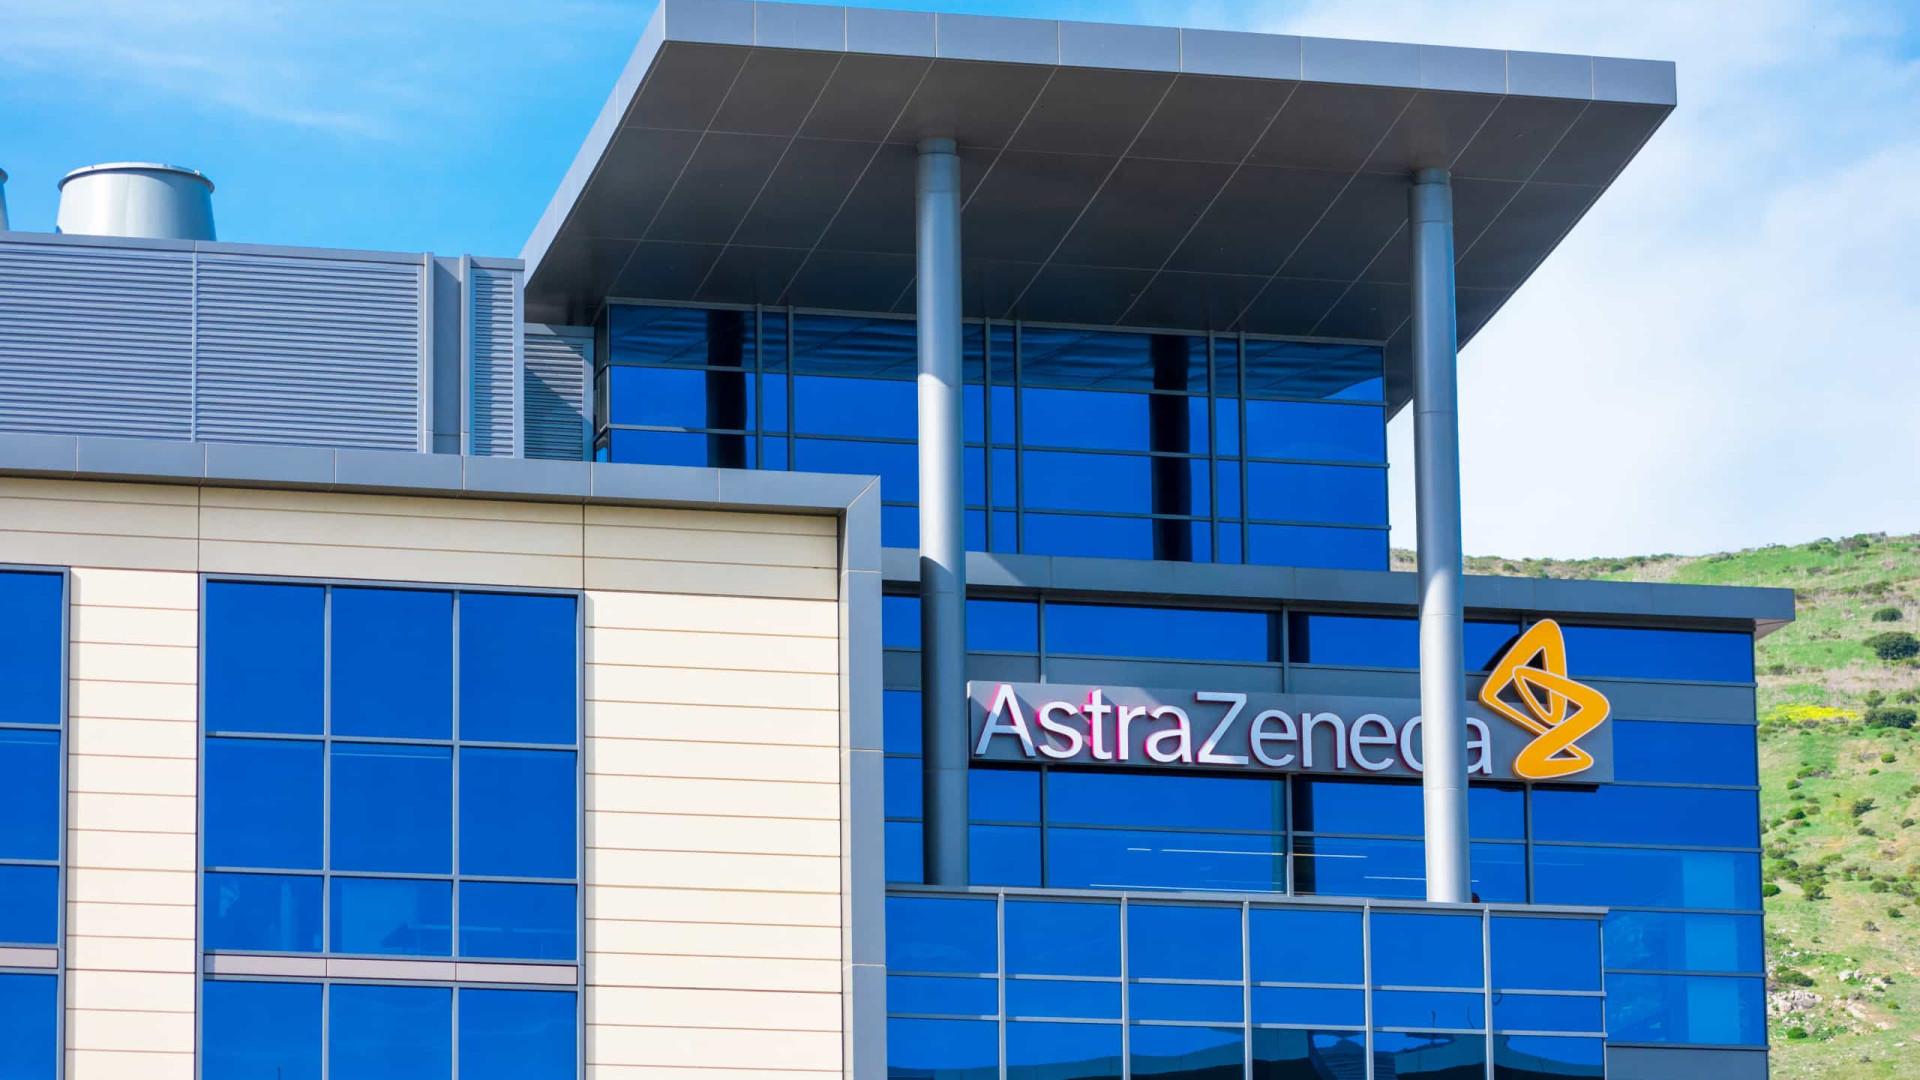 Vacina adaptada a variantes pode levar até 9 meses, diz AstraZeneca